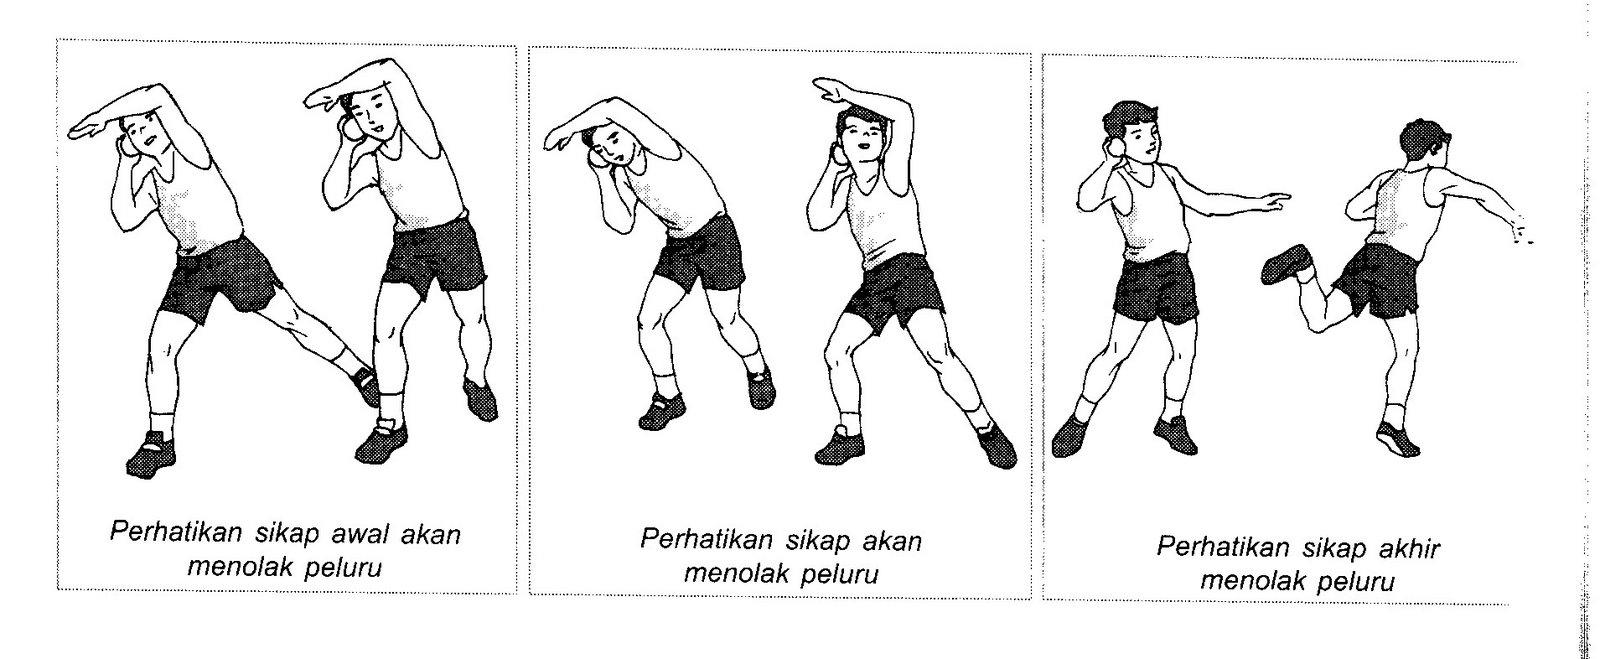 Kumpulan Sketsa Gambar Lomba Lari Bendera